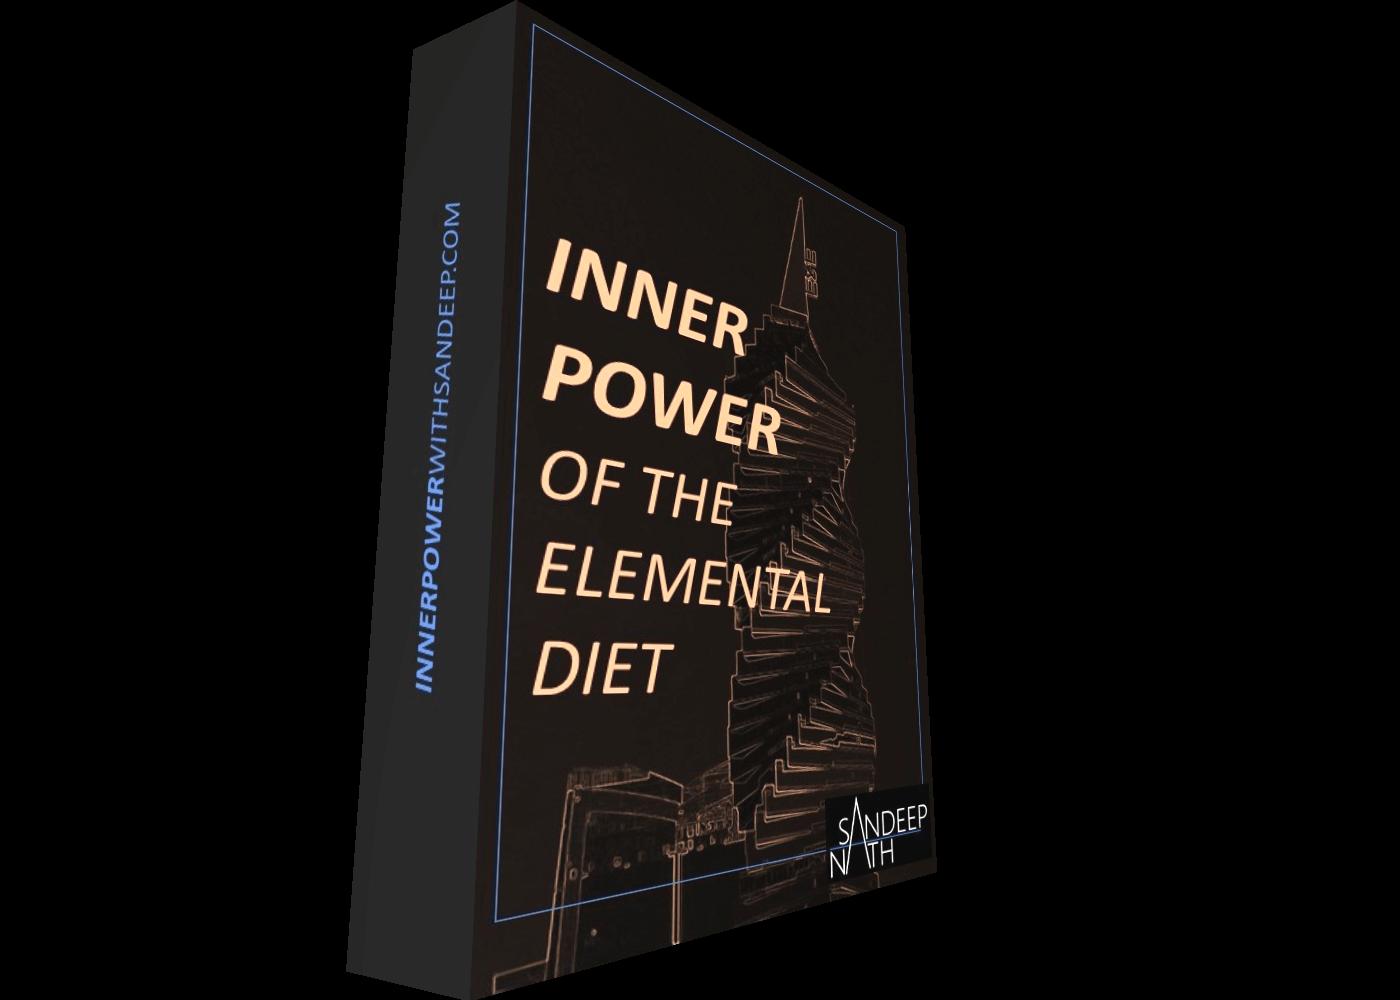 elemental diet